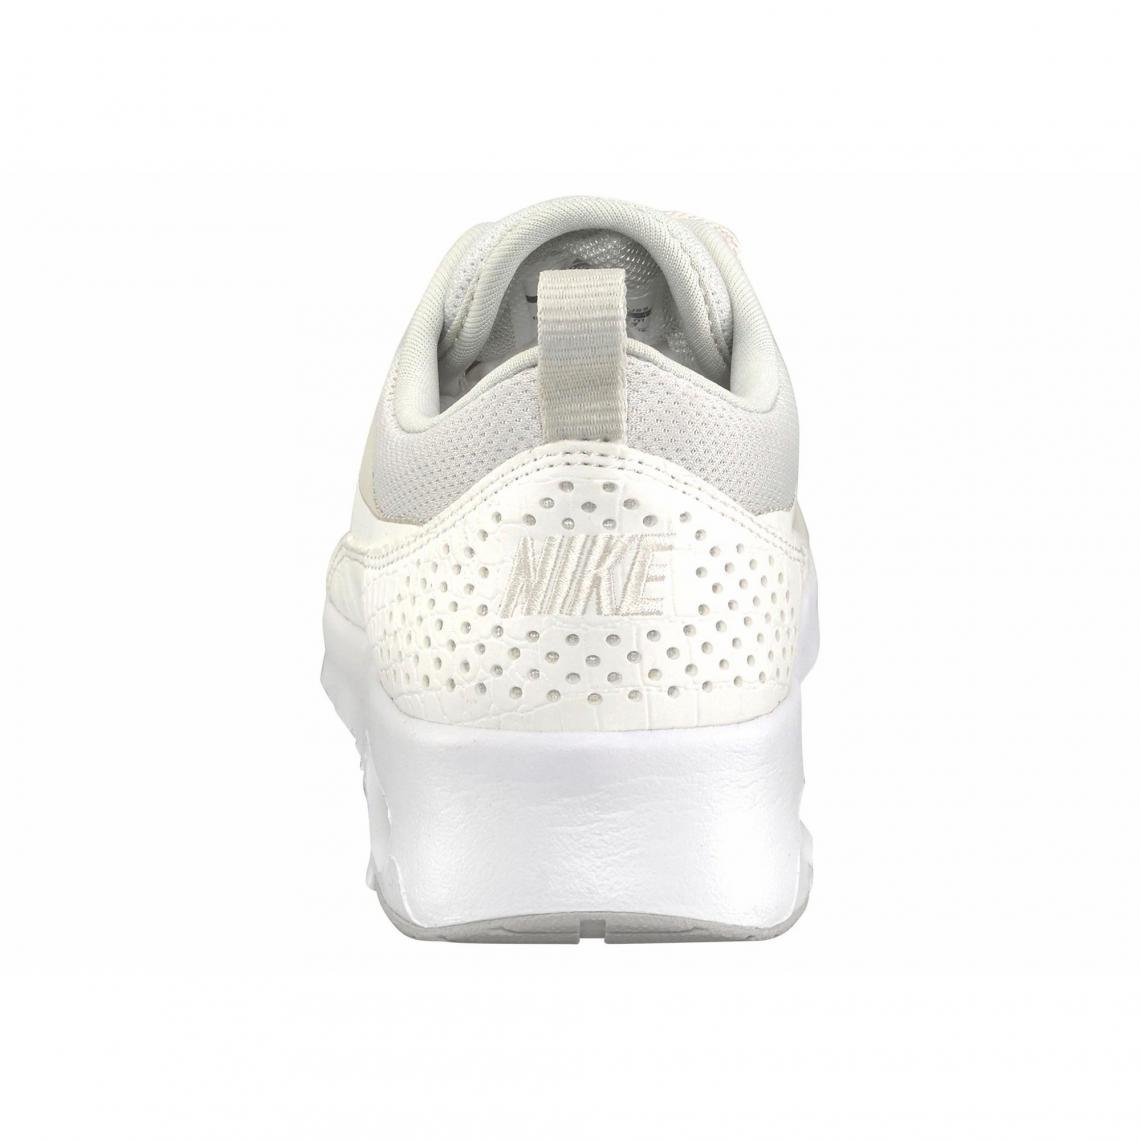 reputable site 51929 54e76 Nike Air Max Thea chaussures de running femme - Noir Nike